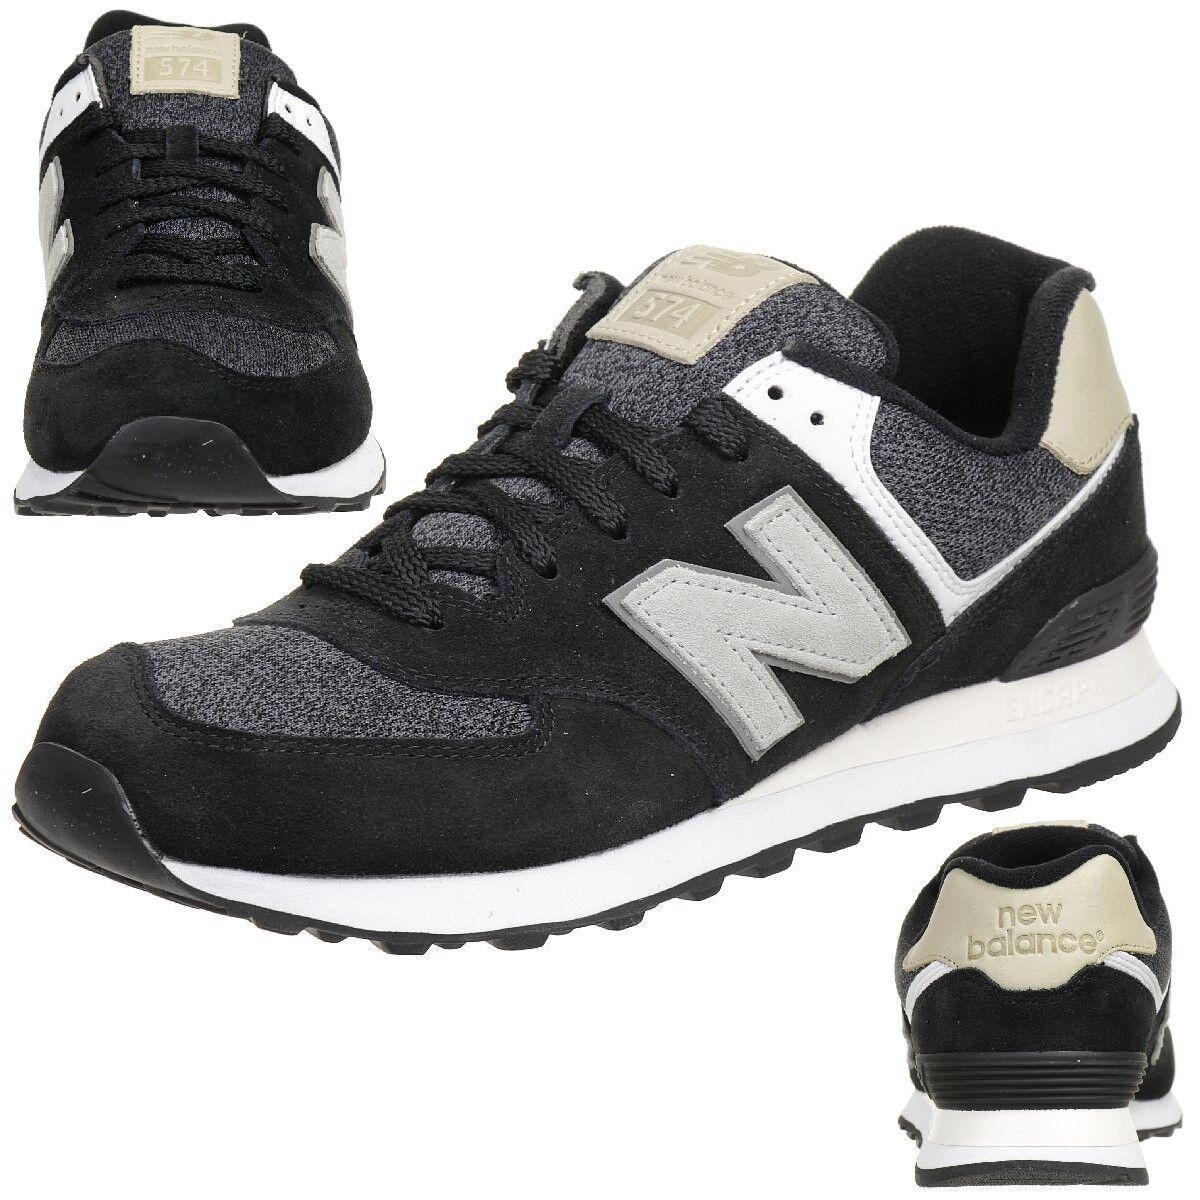 New Balance ML 574 VAI Classic Sneaker Herren Schuhe schwarz